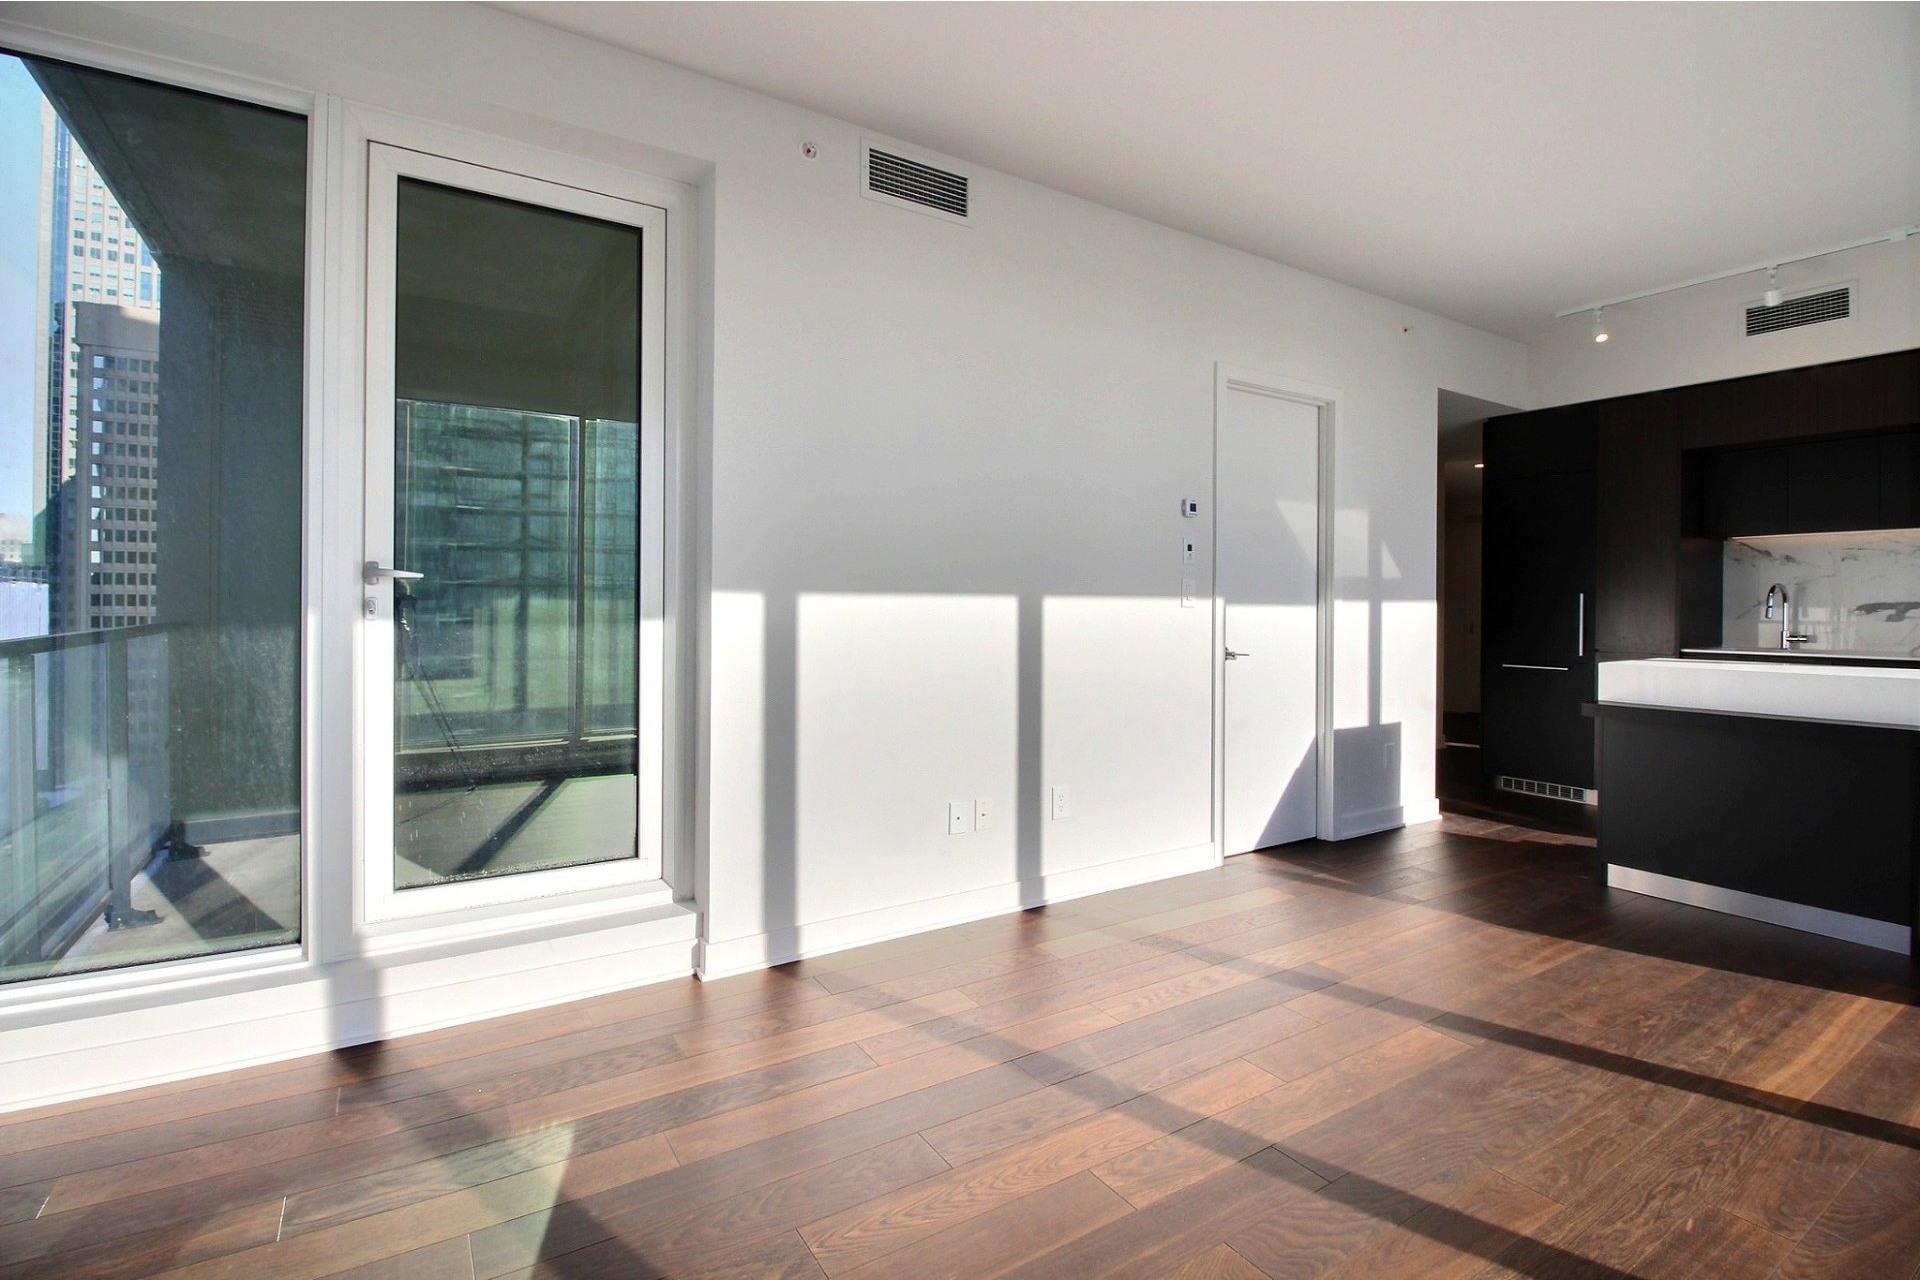 image 4 - Appartement À louer Ville-Marie Montréal  - 7 pièces